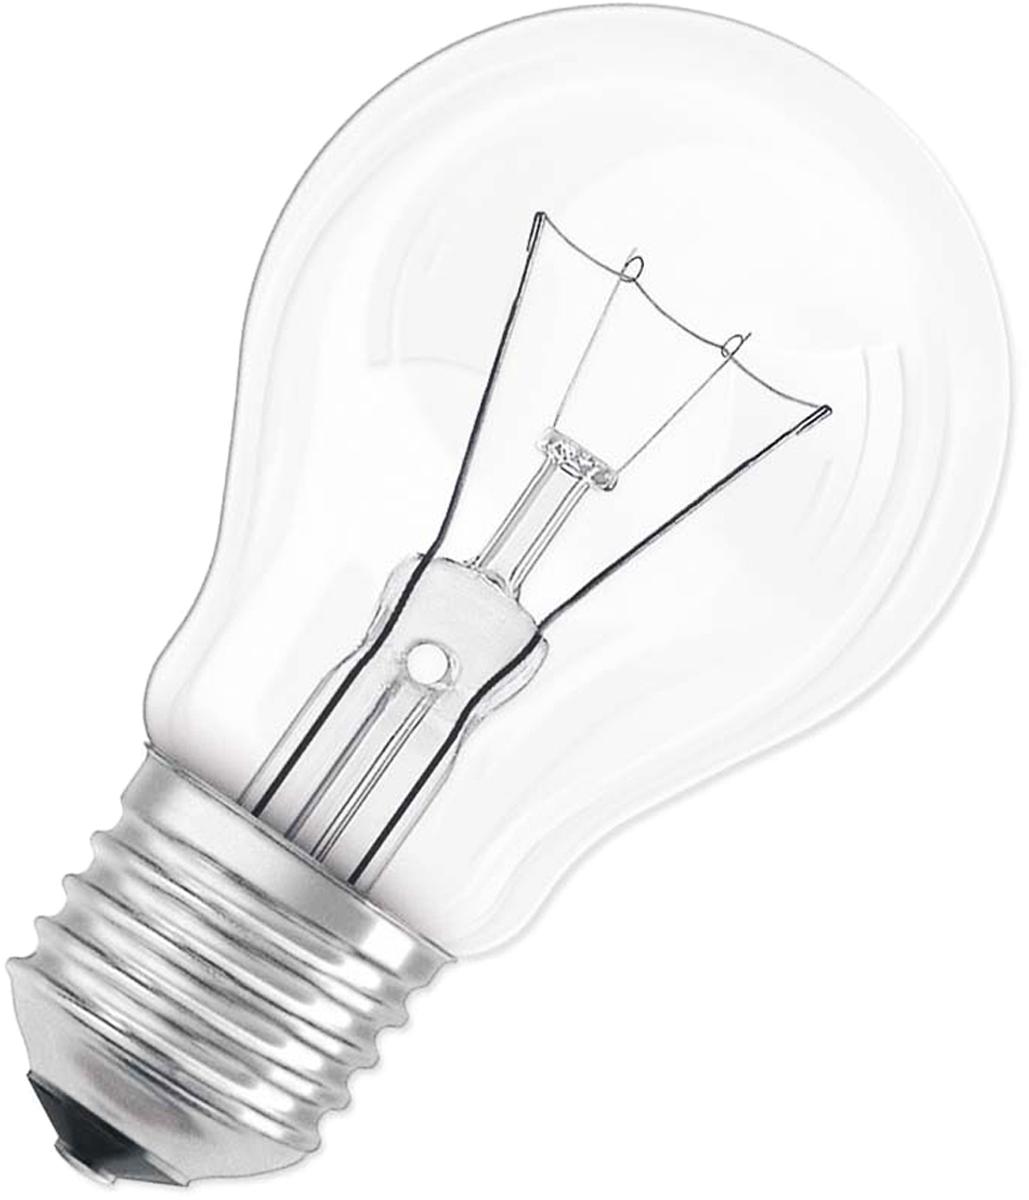 Лампа накаливания Osram Classic A CL 75Вт E27 220-240В 40083215853874008321585387Светодиодные энергосберегающие лампы потребляют на 70% меньше электроэнергии, что не только экономит деньги, но и снижает нагрузку на проводку. Свет, который излучают светодиодные светильники, не раздражает глаза и может быть разным по интенсивности и световой температуре. Они легко монтируются в стены и потолки, в том числе и в натяжные. Разнообразный дизайн позволяет подобрать светодиодные лампы для любого пространства.